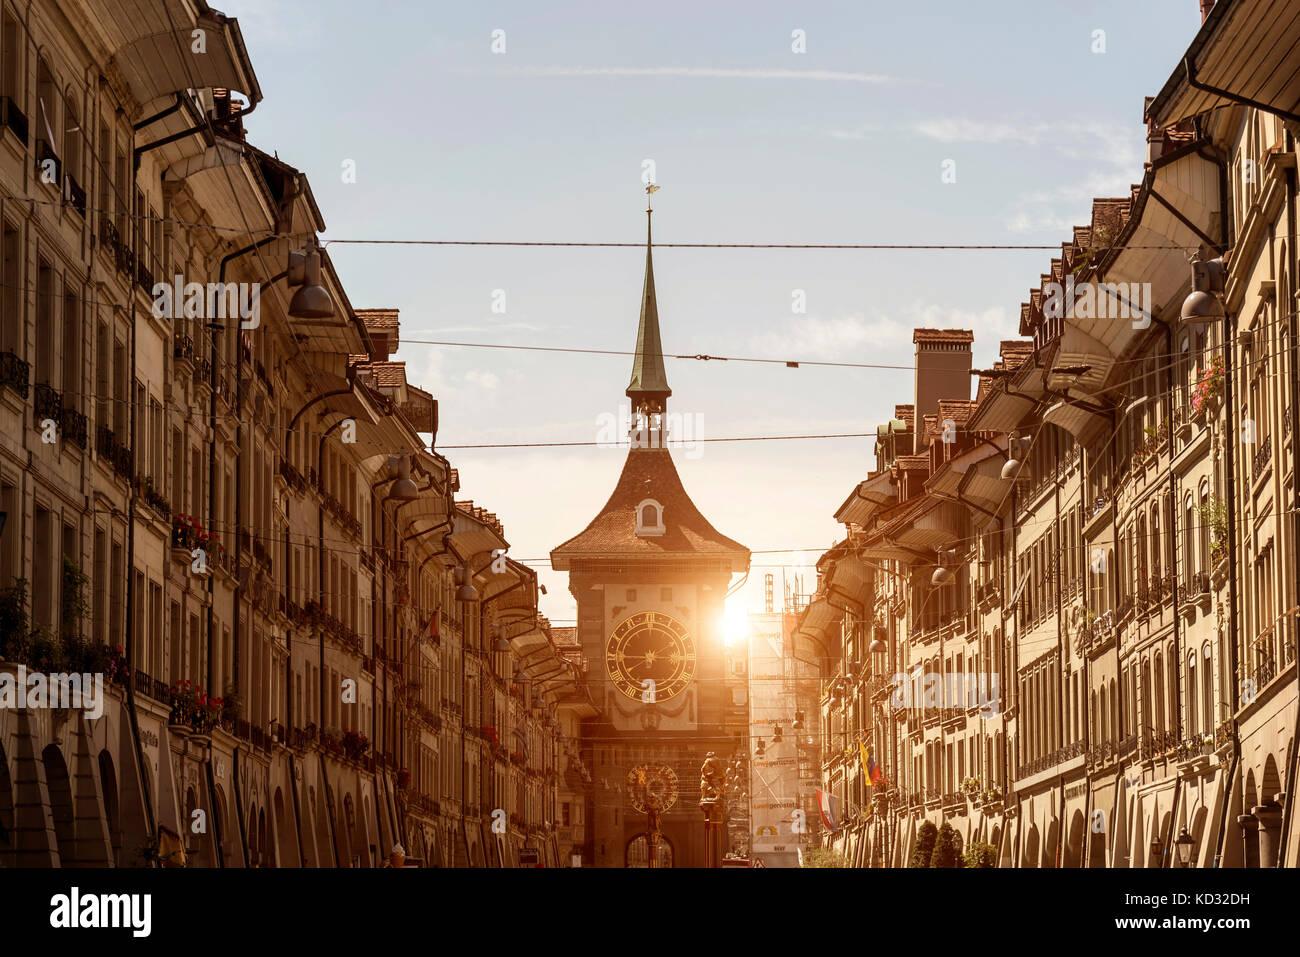 Perspectiva decreciente de los edificios en la calle, Berna, Suiza, Europa Foto de stock